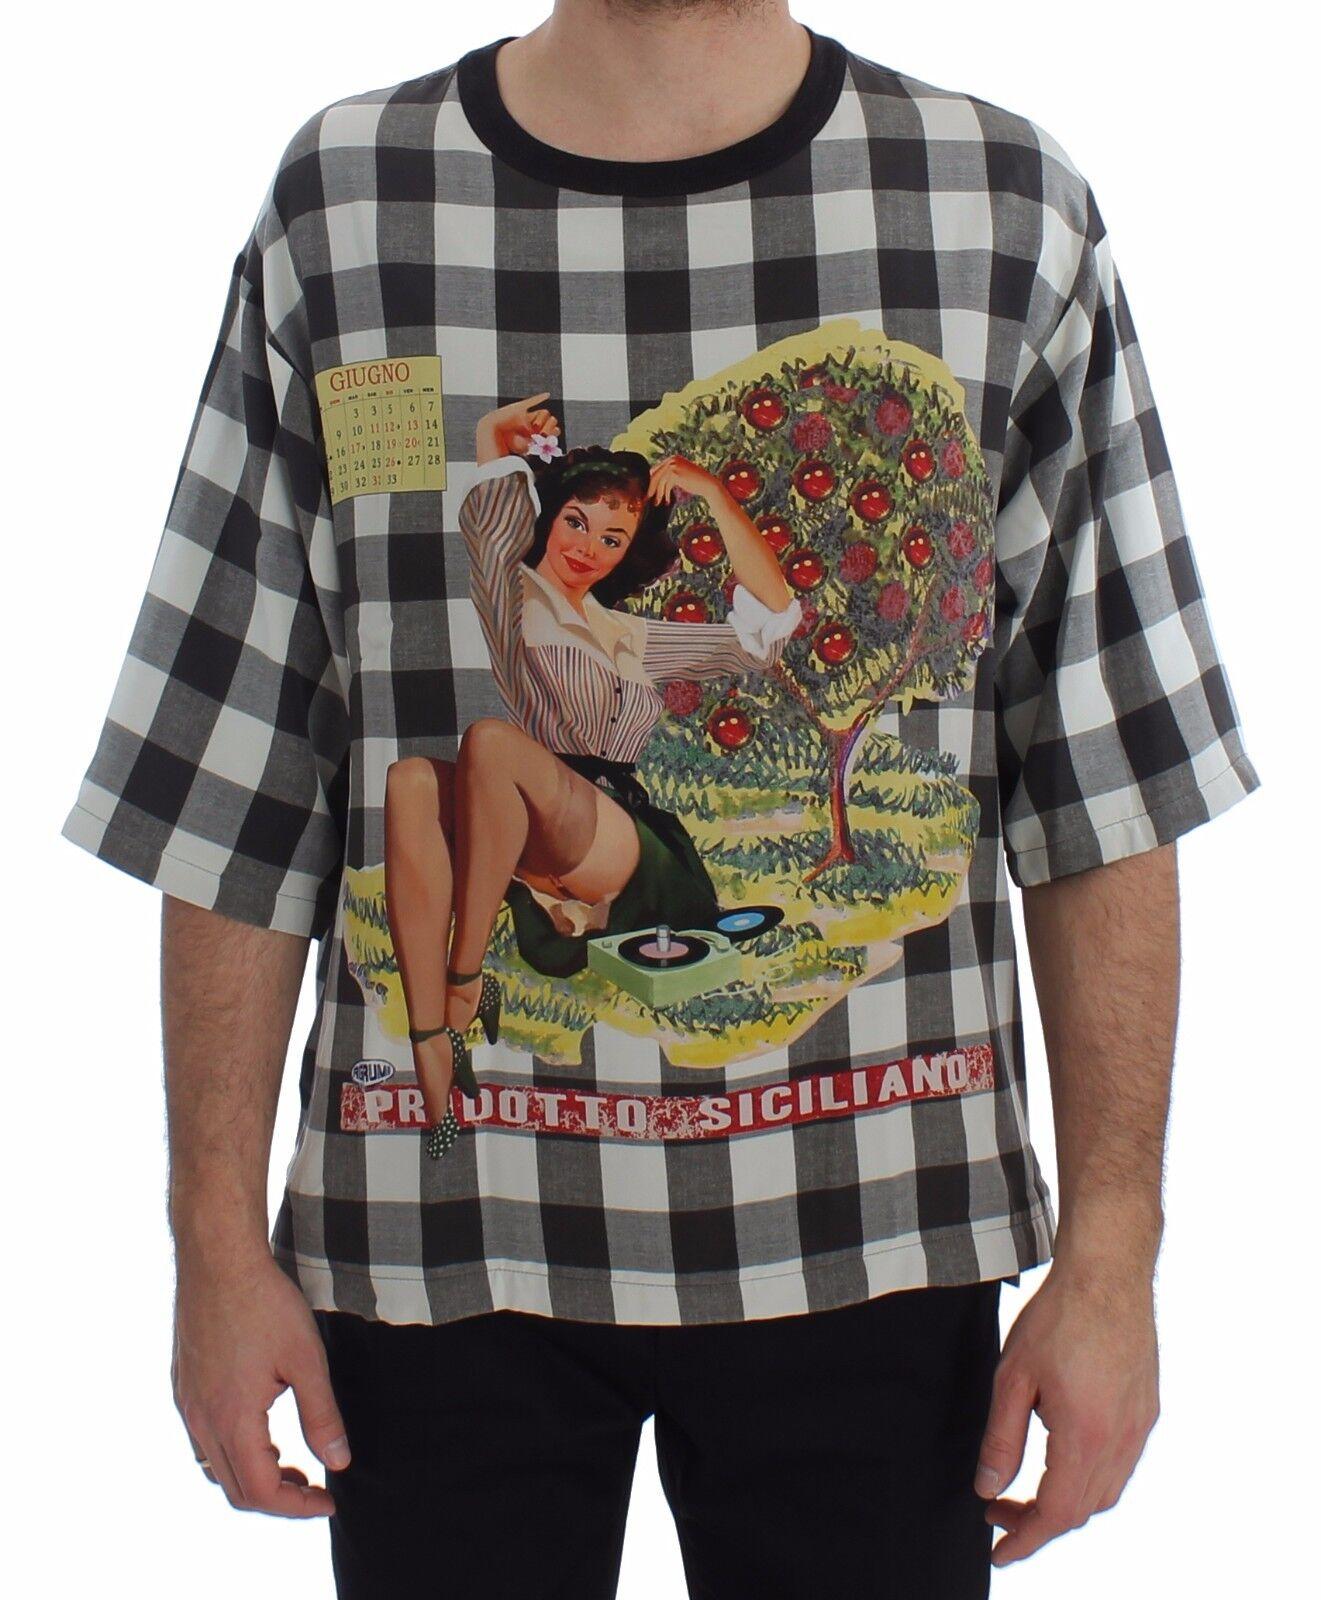 NUOVO DOLCE & Gabbana T-shirt collo tondo prodotto siciliano di seta con stampa